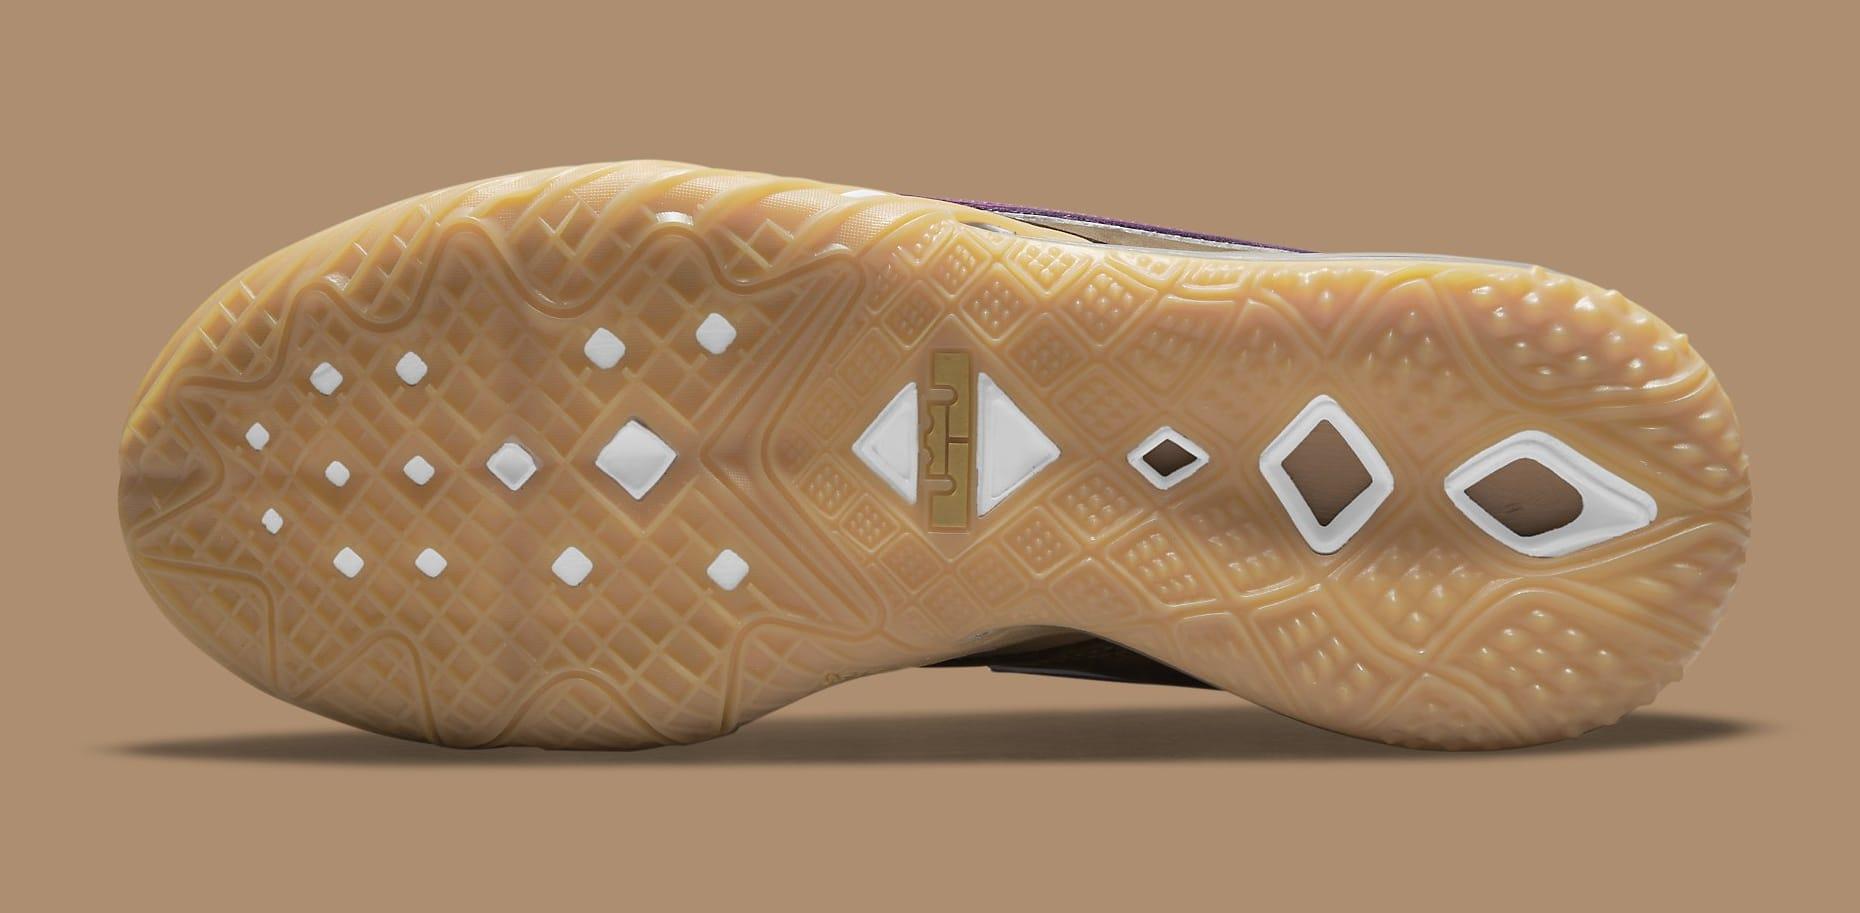 Atmos x Nike LeBron 18 Low 'Viotech' CW5635-200 Outsole